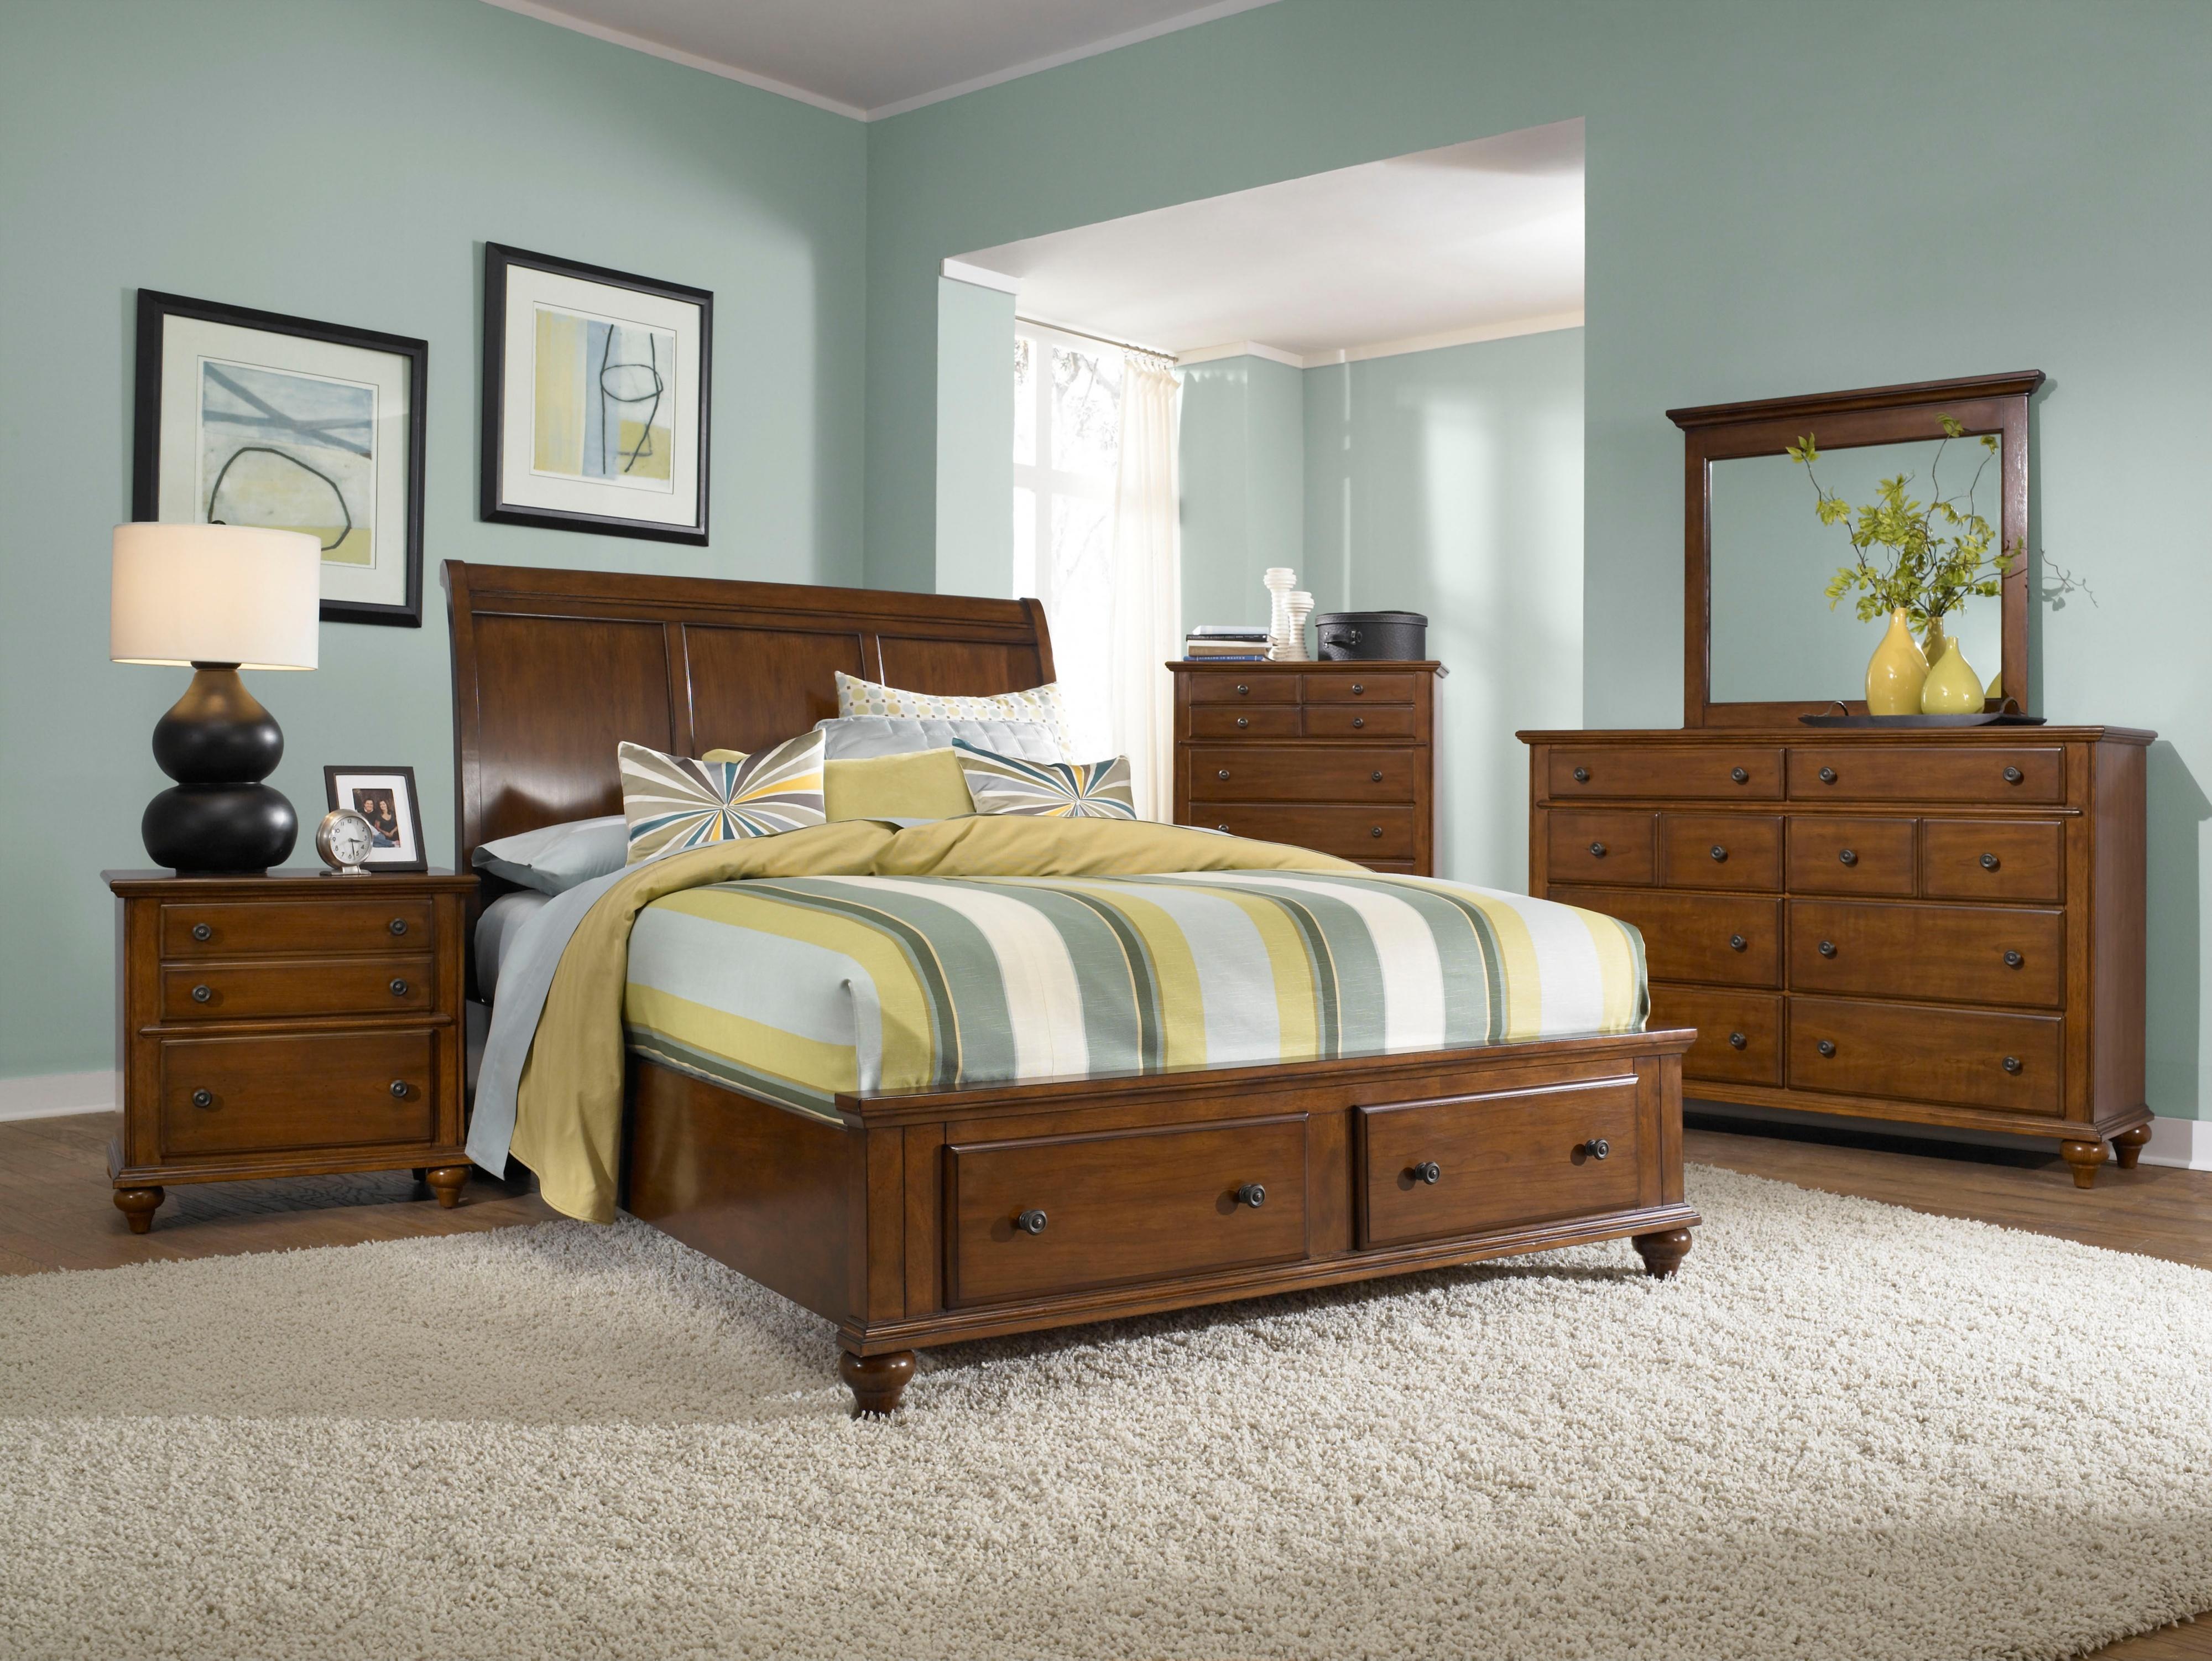 Broyhill Furniture Hayden Place Queen Bedroom Group - Item Number: 4648 Q Bedroom Group 4